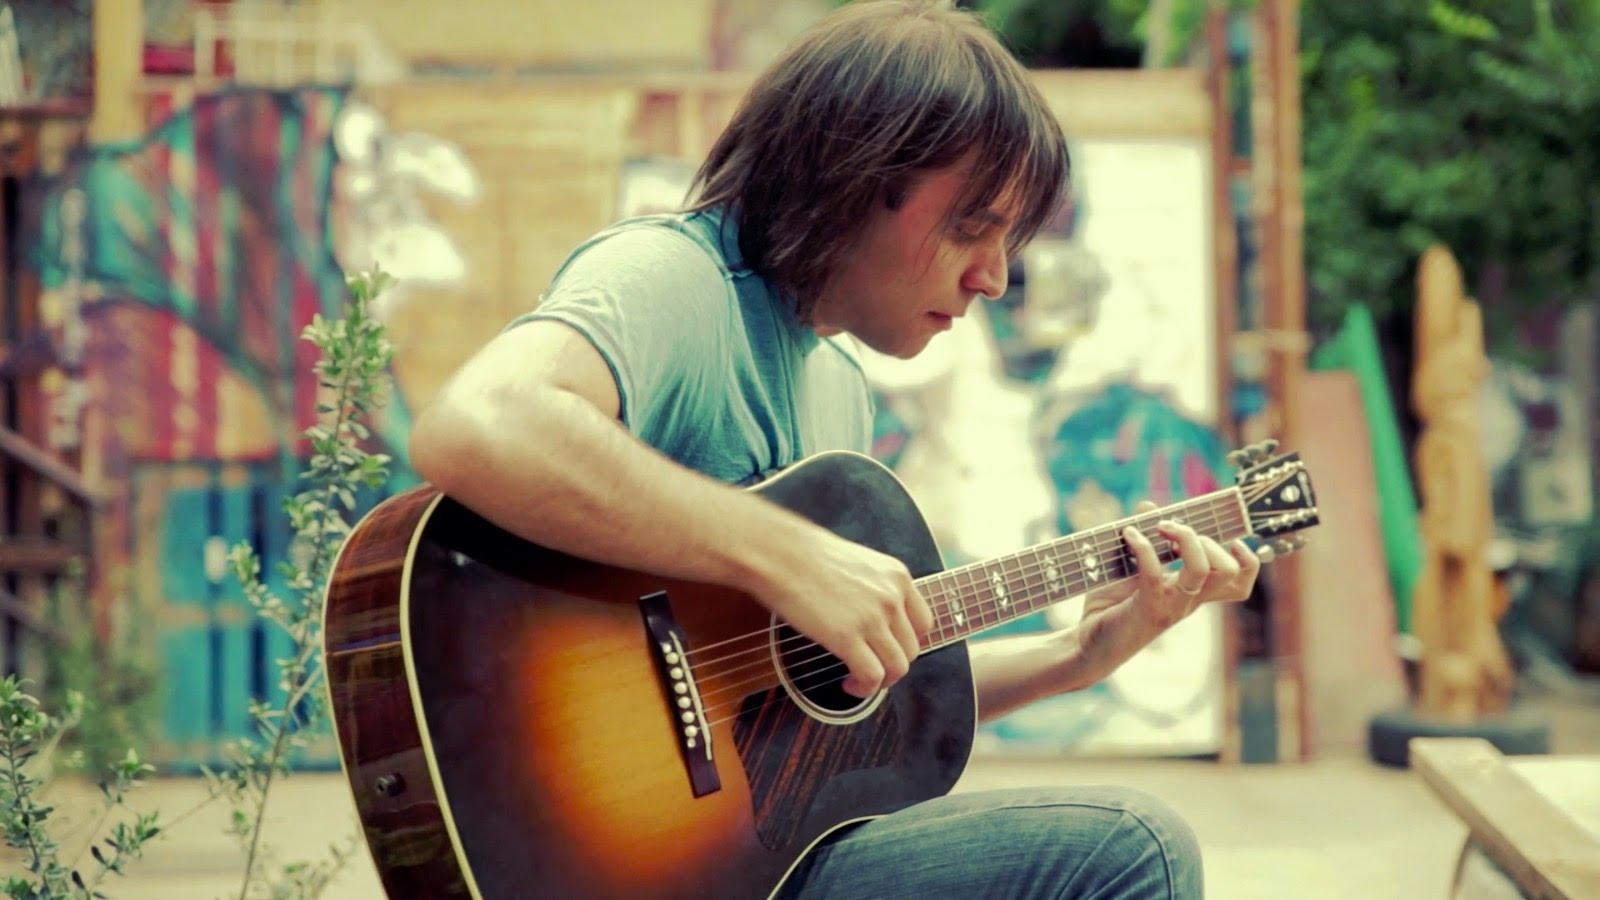 アコースティックギターでマイケルジャクソンのBeat itを再現!